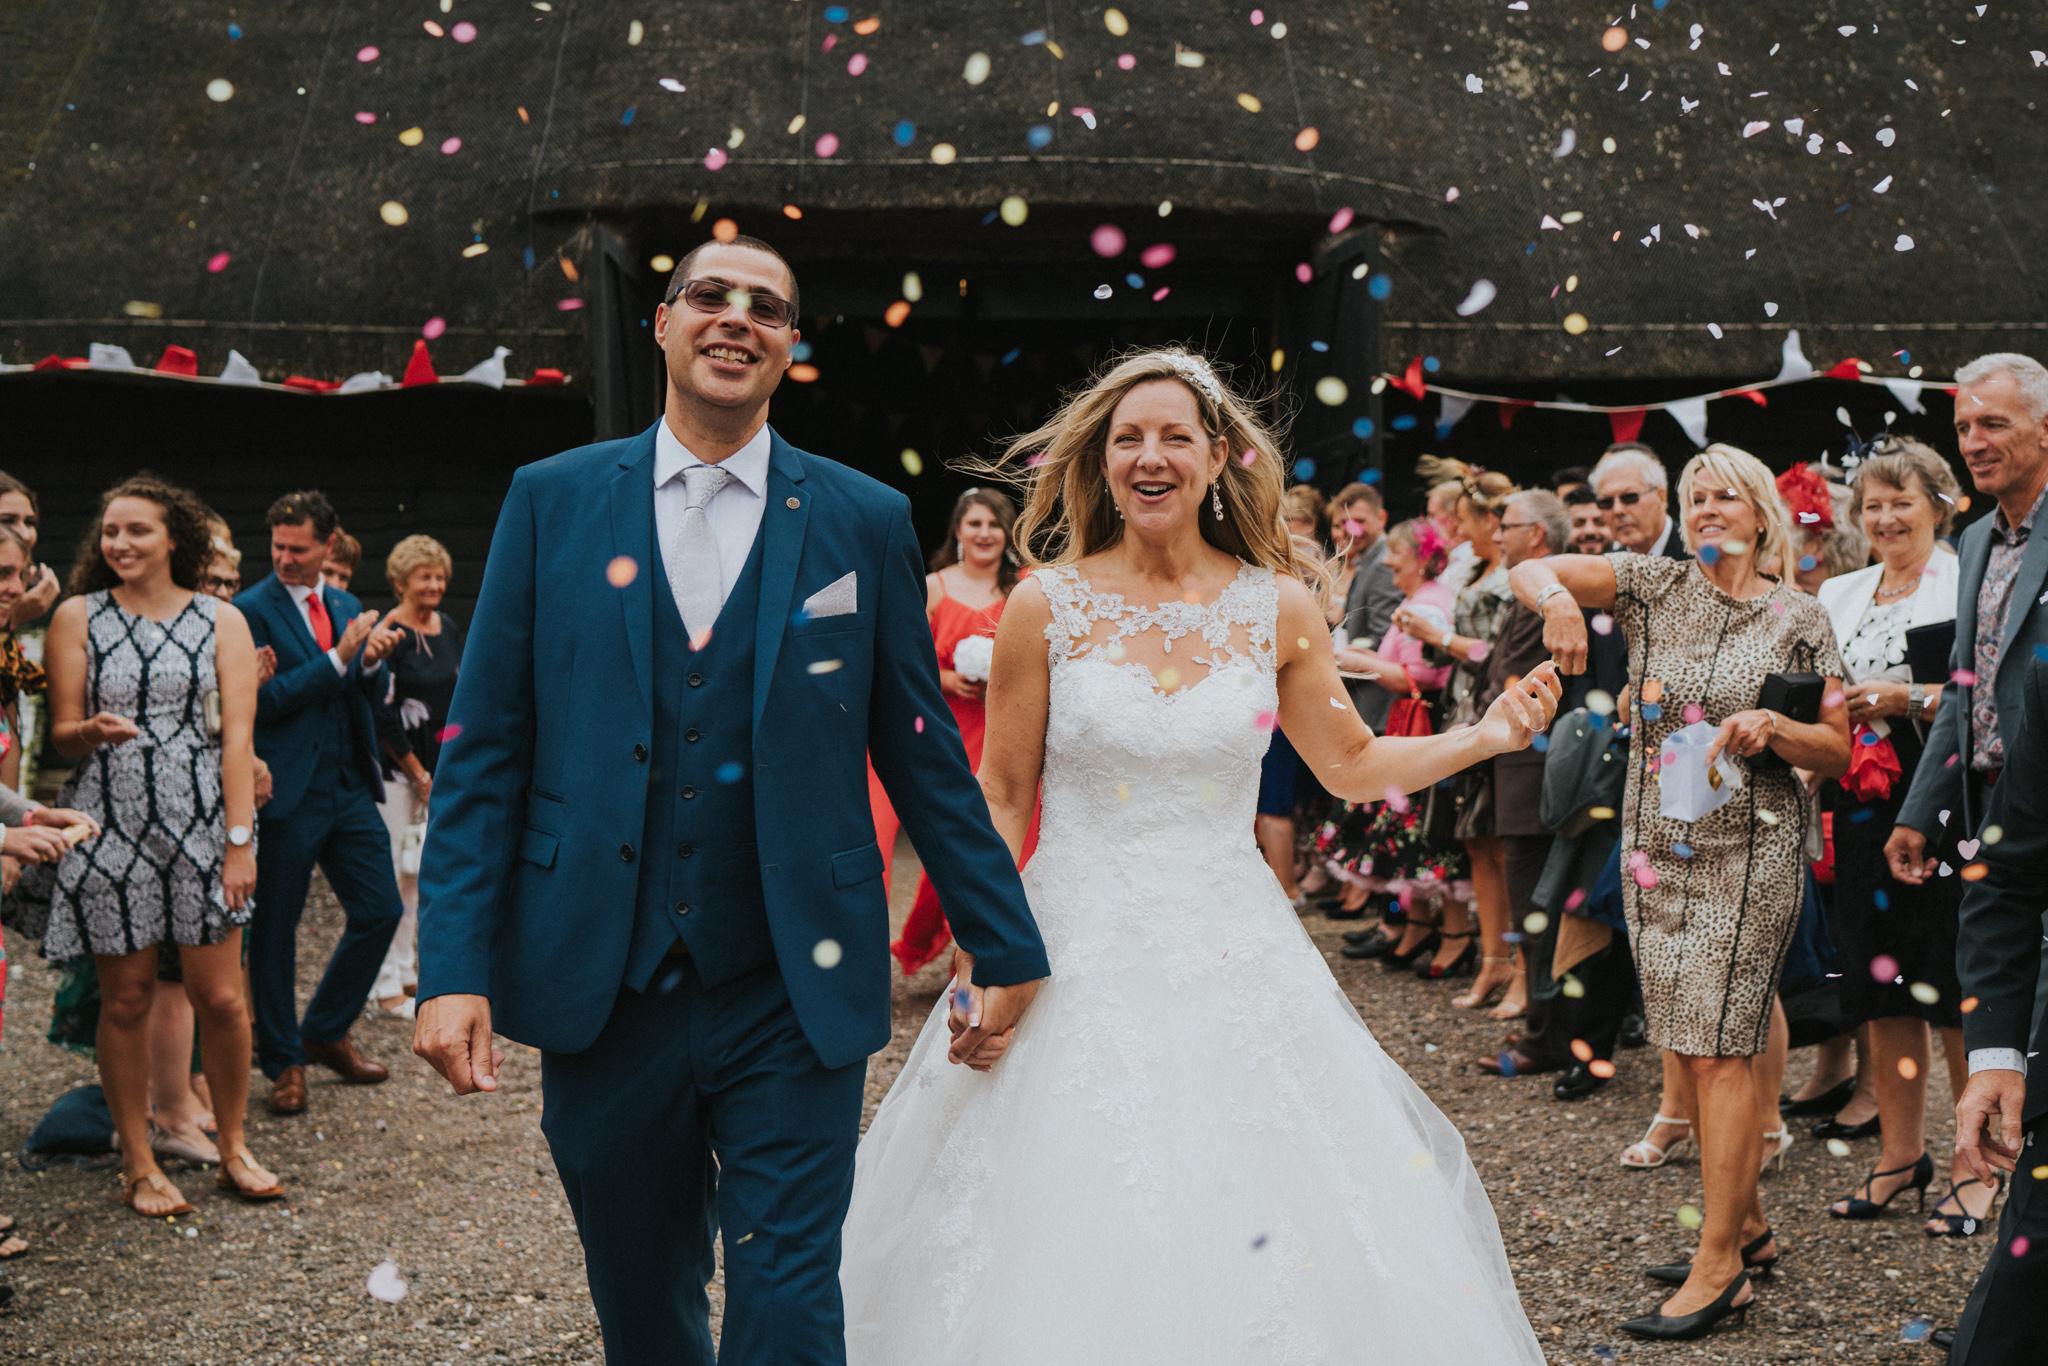 karen-tony-blackthorpe-barn-diy-wedding-grace-elizabeth-colchester-essex-alternative-wedding-lifestyle-photographer-essex-suffolk-norfolk-devon (20 of 35).jpg